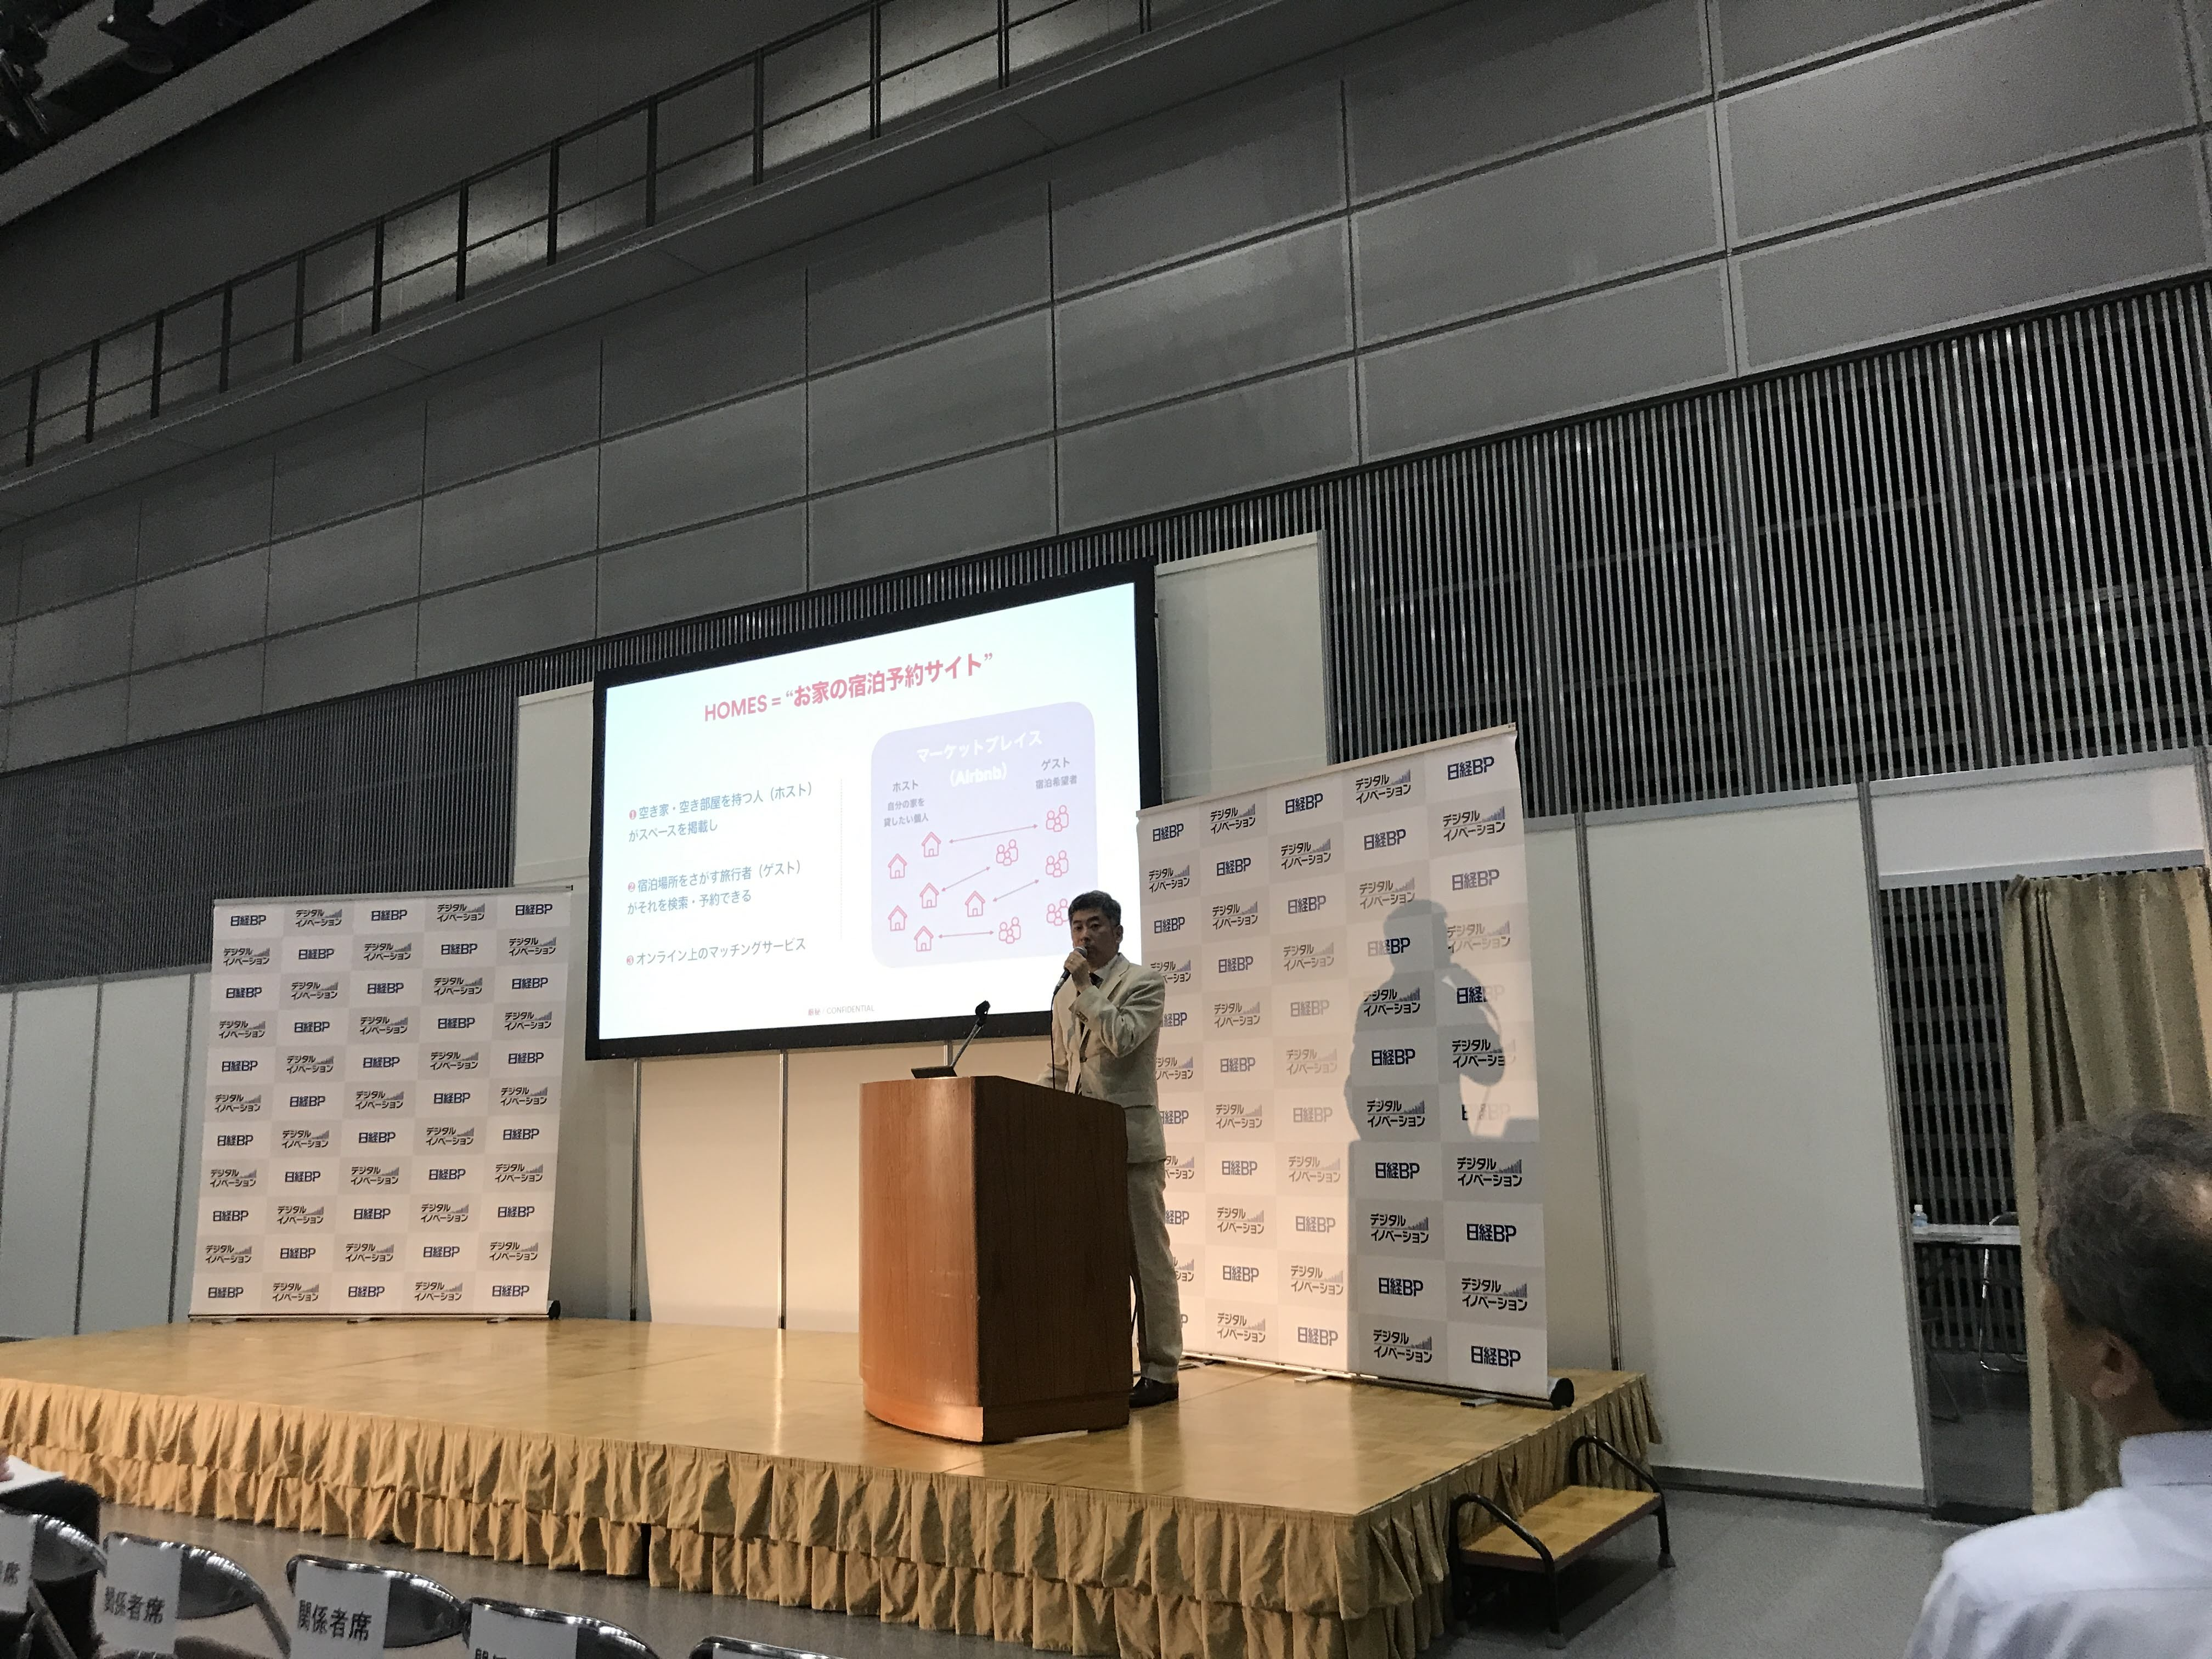 民泊だけじゃない!Airbnbの地方プロジェクト-札幌デジタルイノベーション